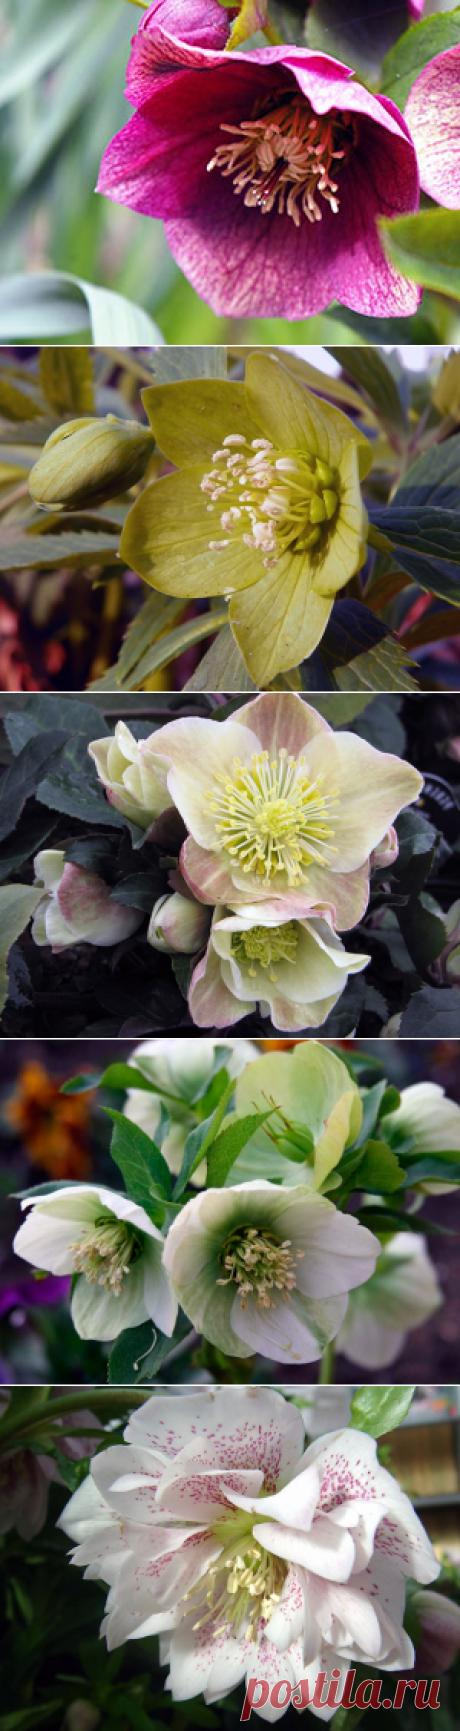 Цветок морозник – посадка и уход: фото морозника, выращивание и размножение морозника; виды и сорта морозника